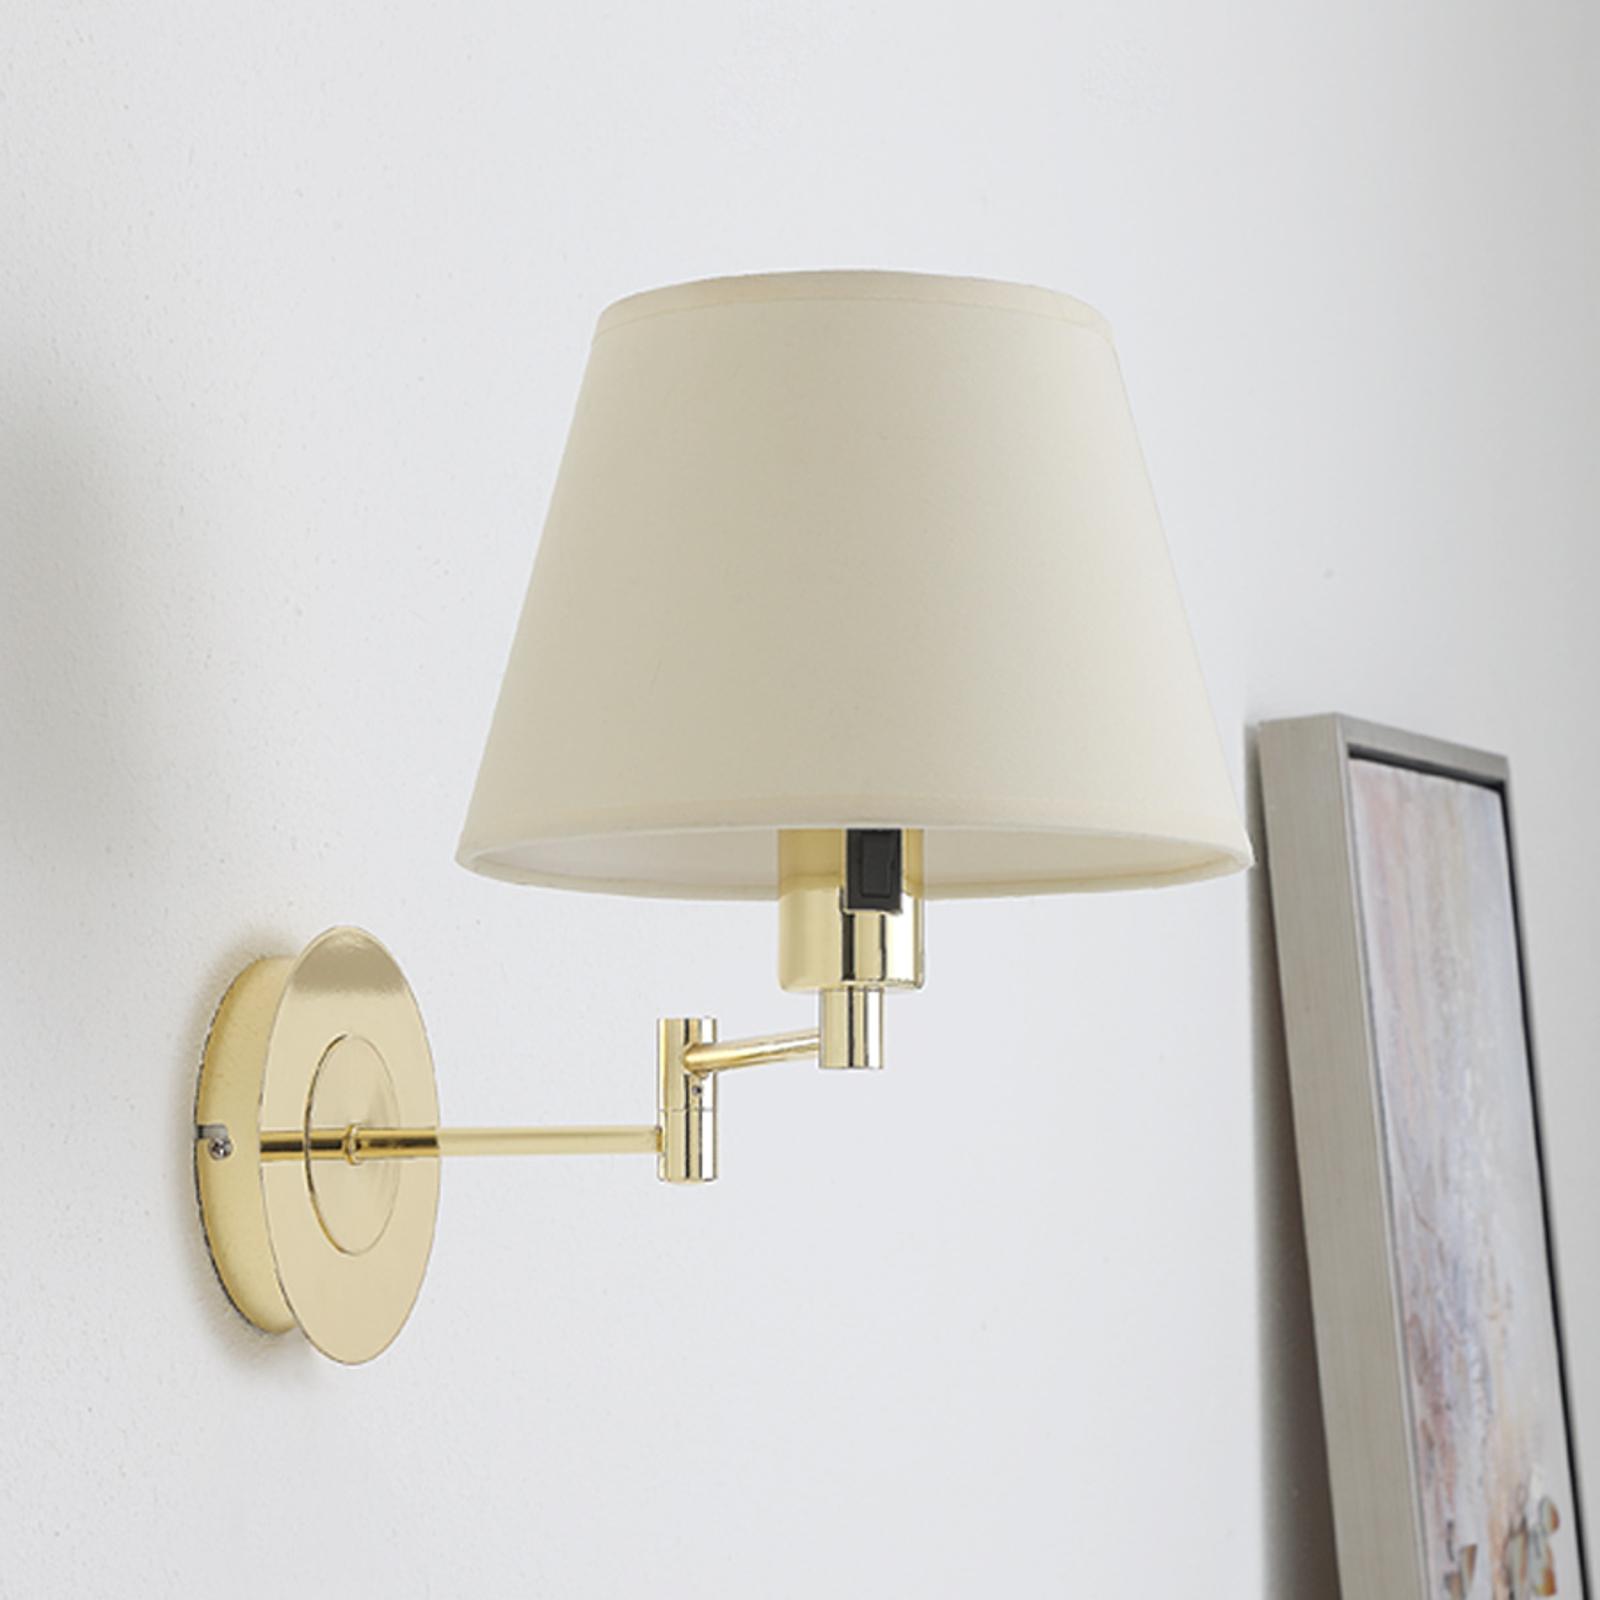 Acquista Pola - lampada da parete estraibile ottone lucido